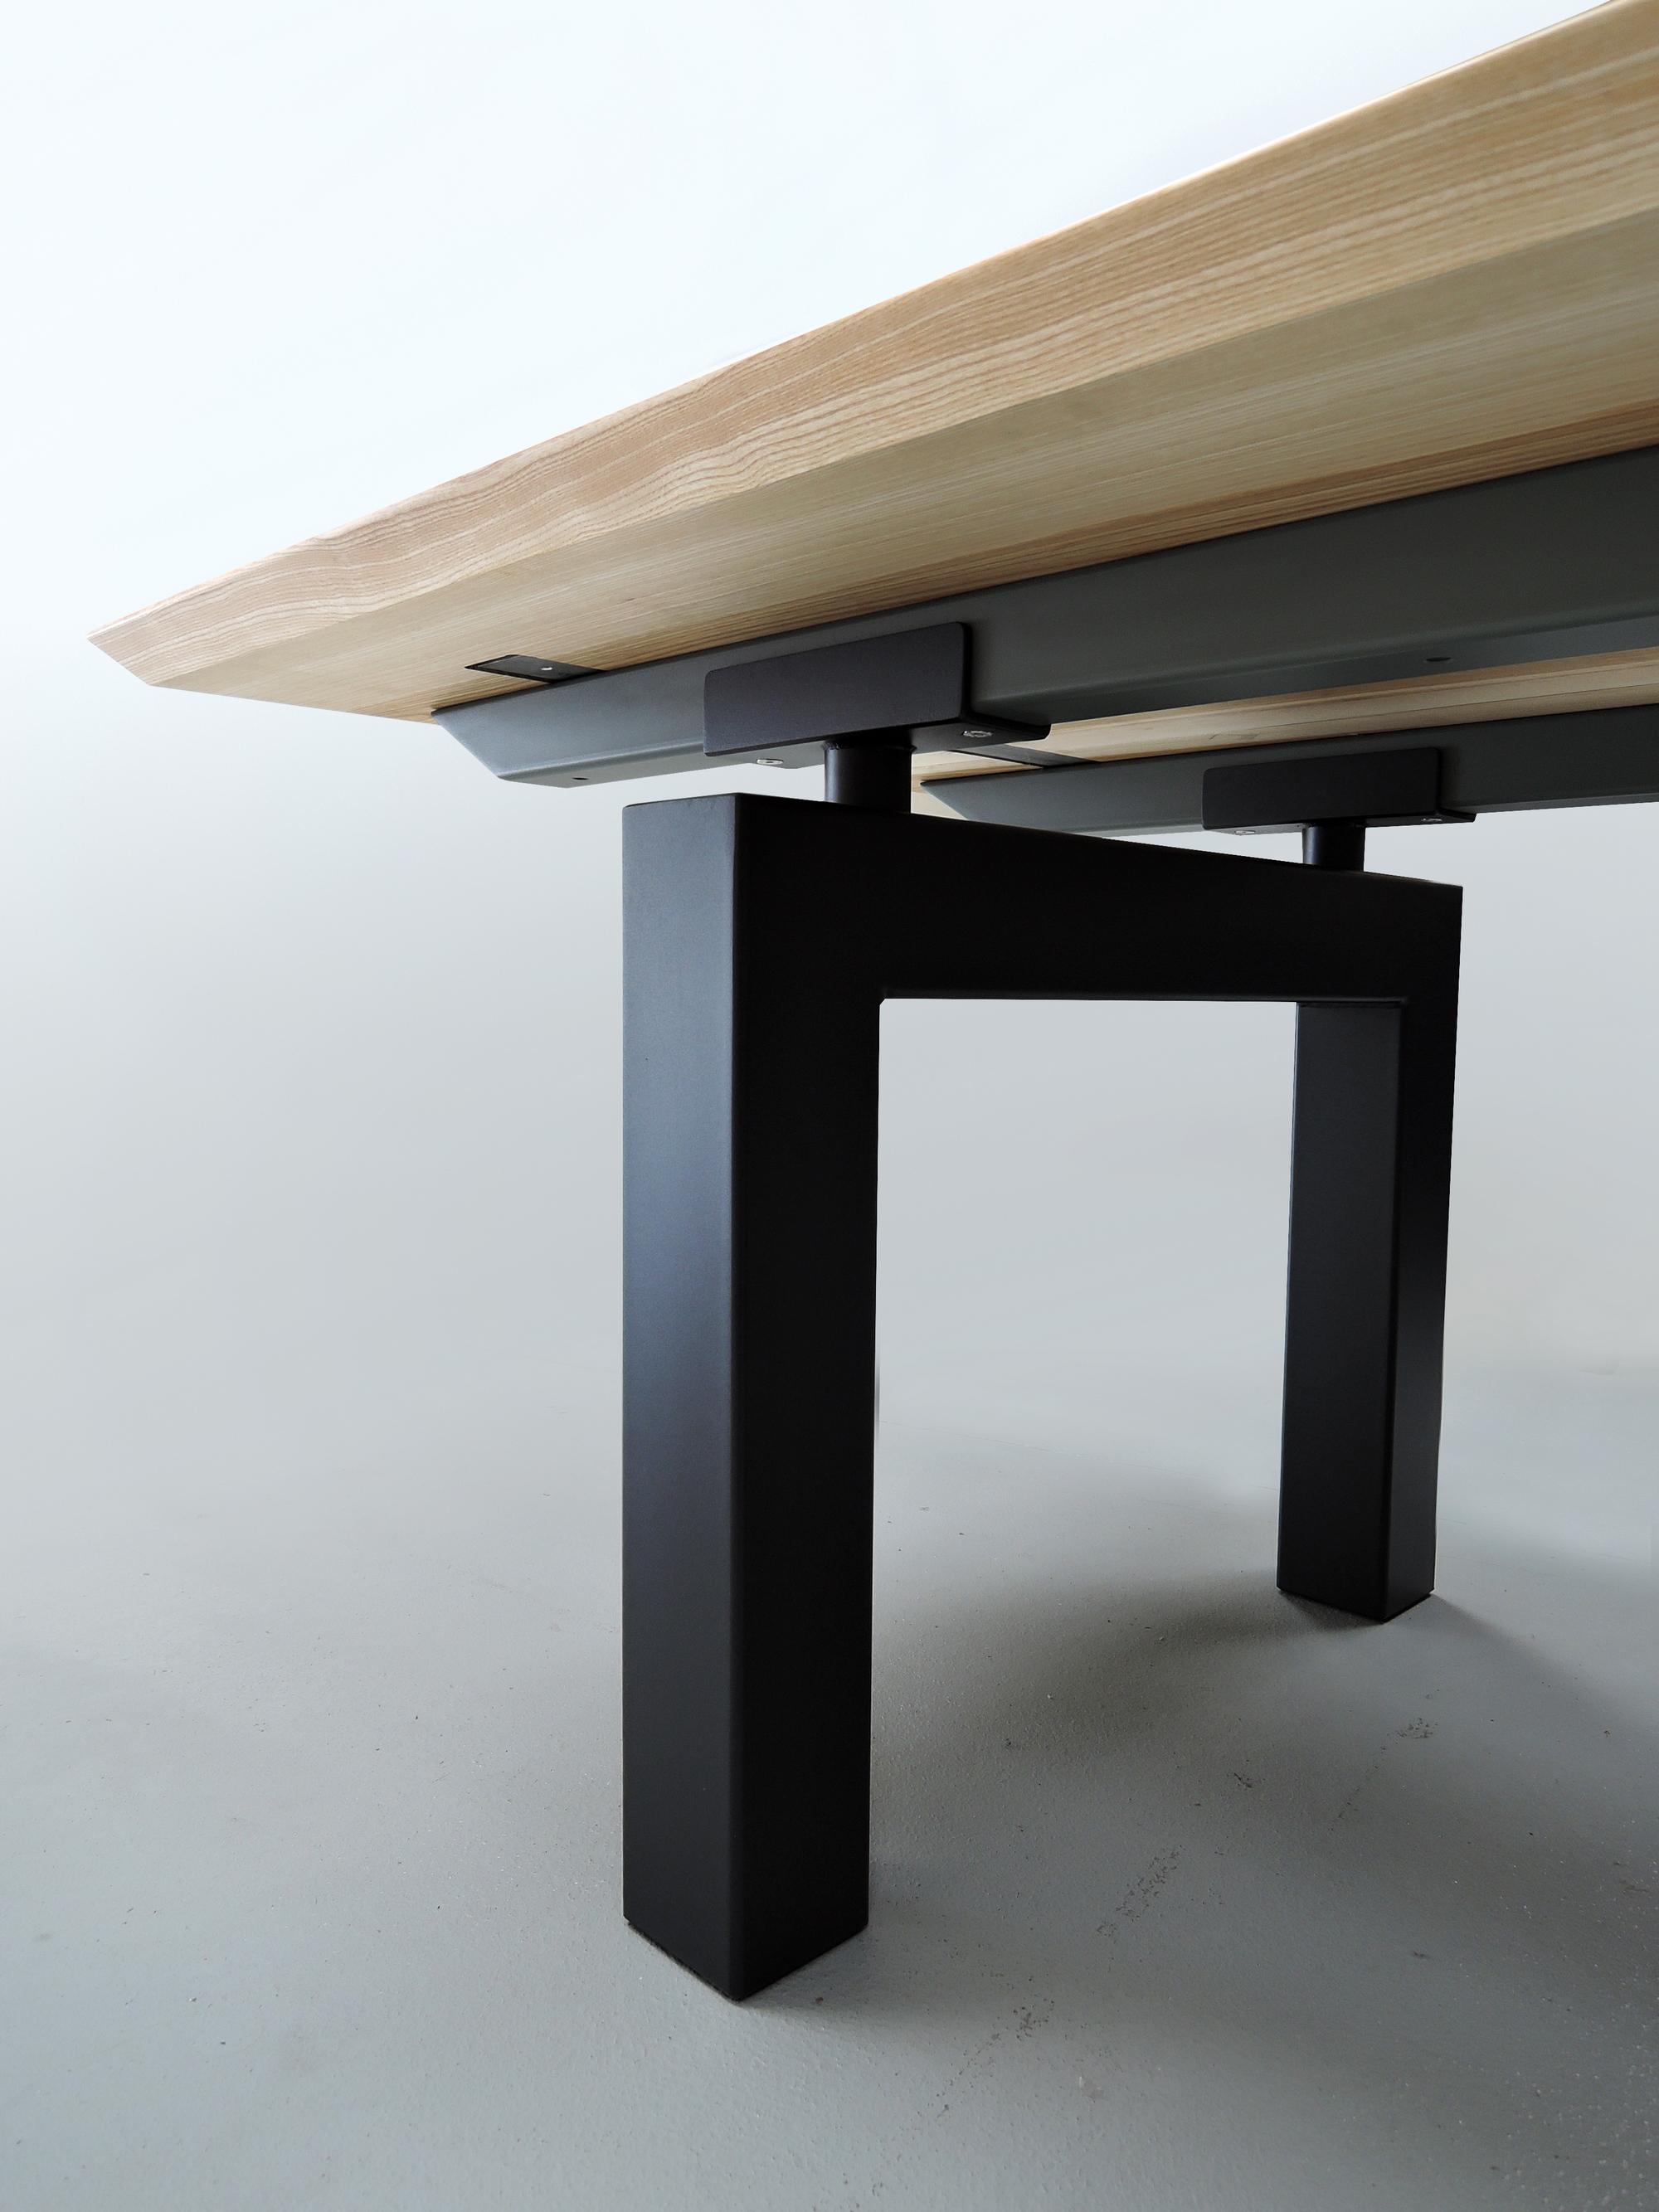 Table m cano m tal et bois massif design pur et a rien for Table bois massif metal